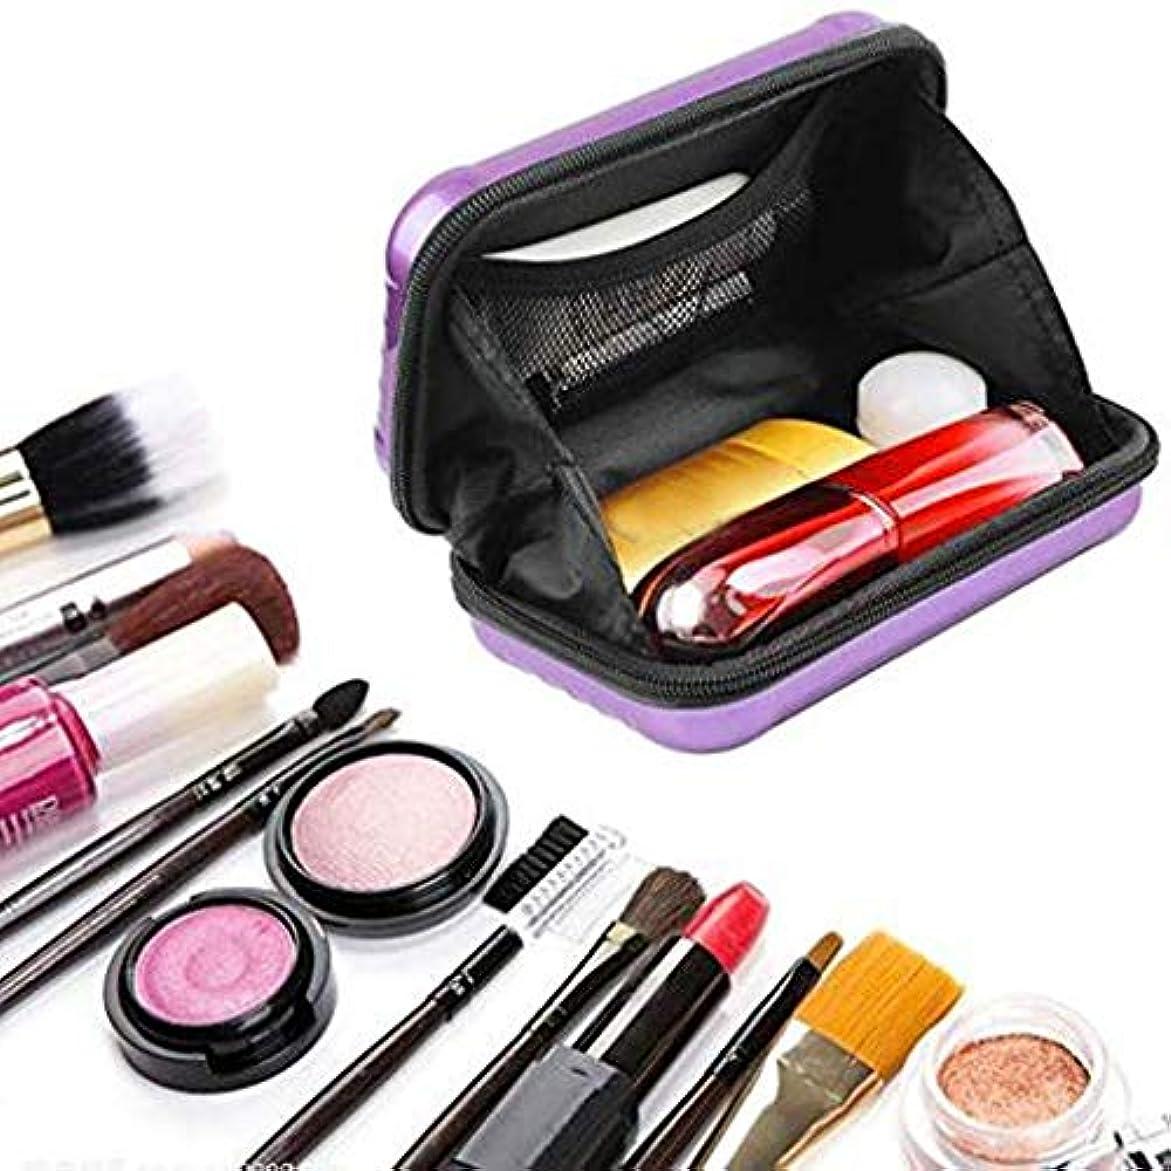 評価軍艦ティーンエイジャーミニポータブル旅行化粧品バッグ、女性のための防水/クラッシュ防止化粧バッグ、スーツケース化粧品ハンドバッグ (紫の)